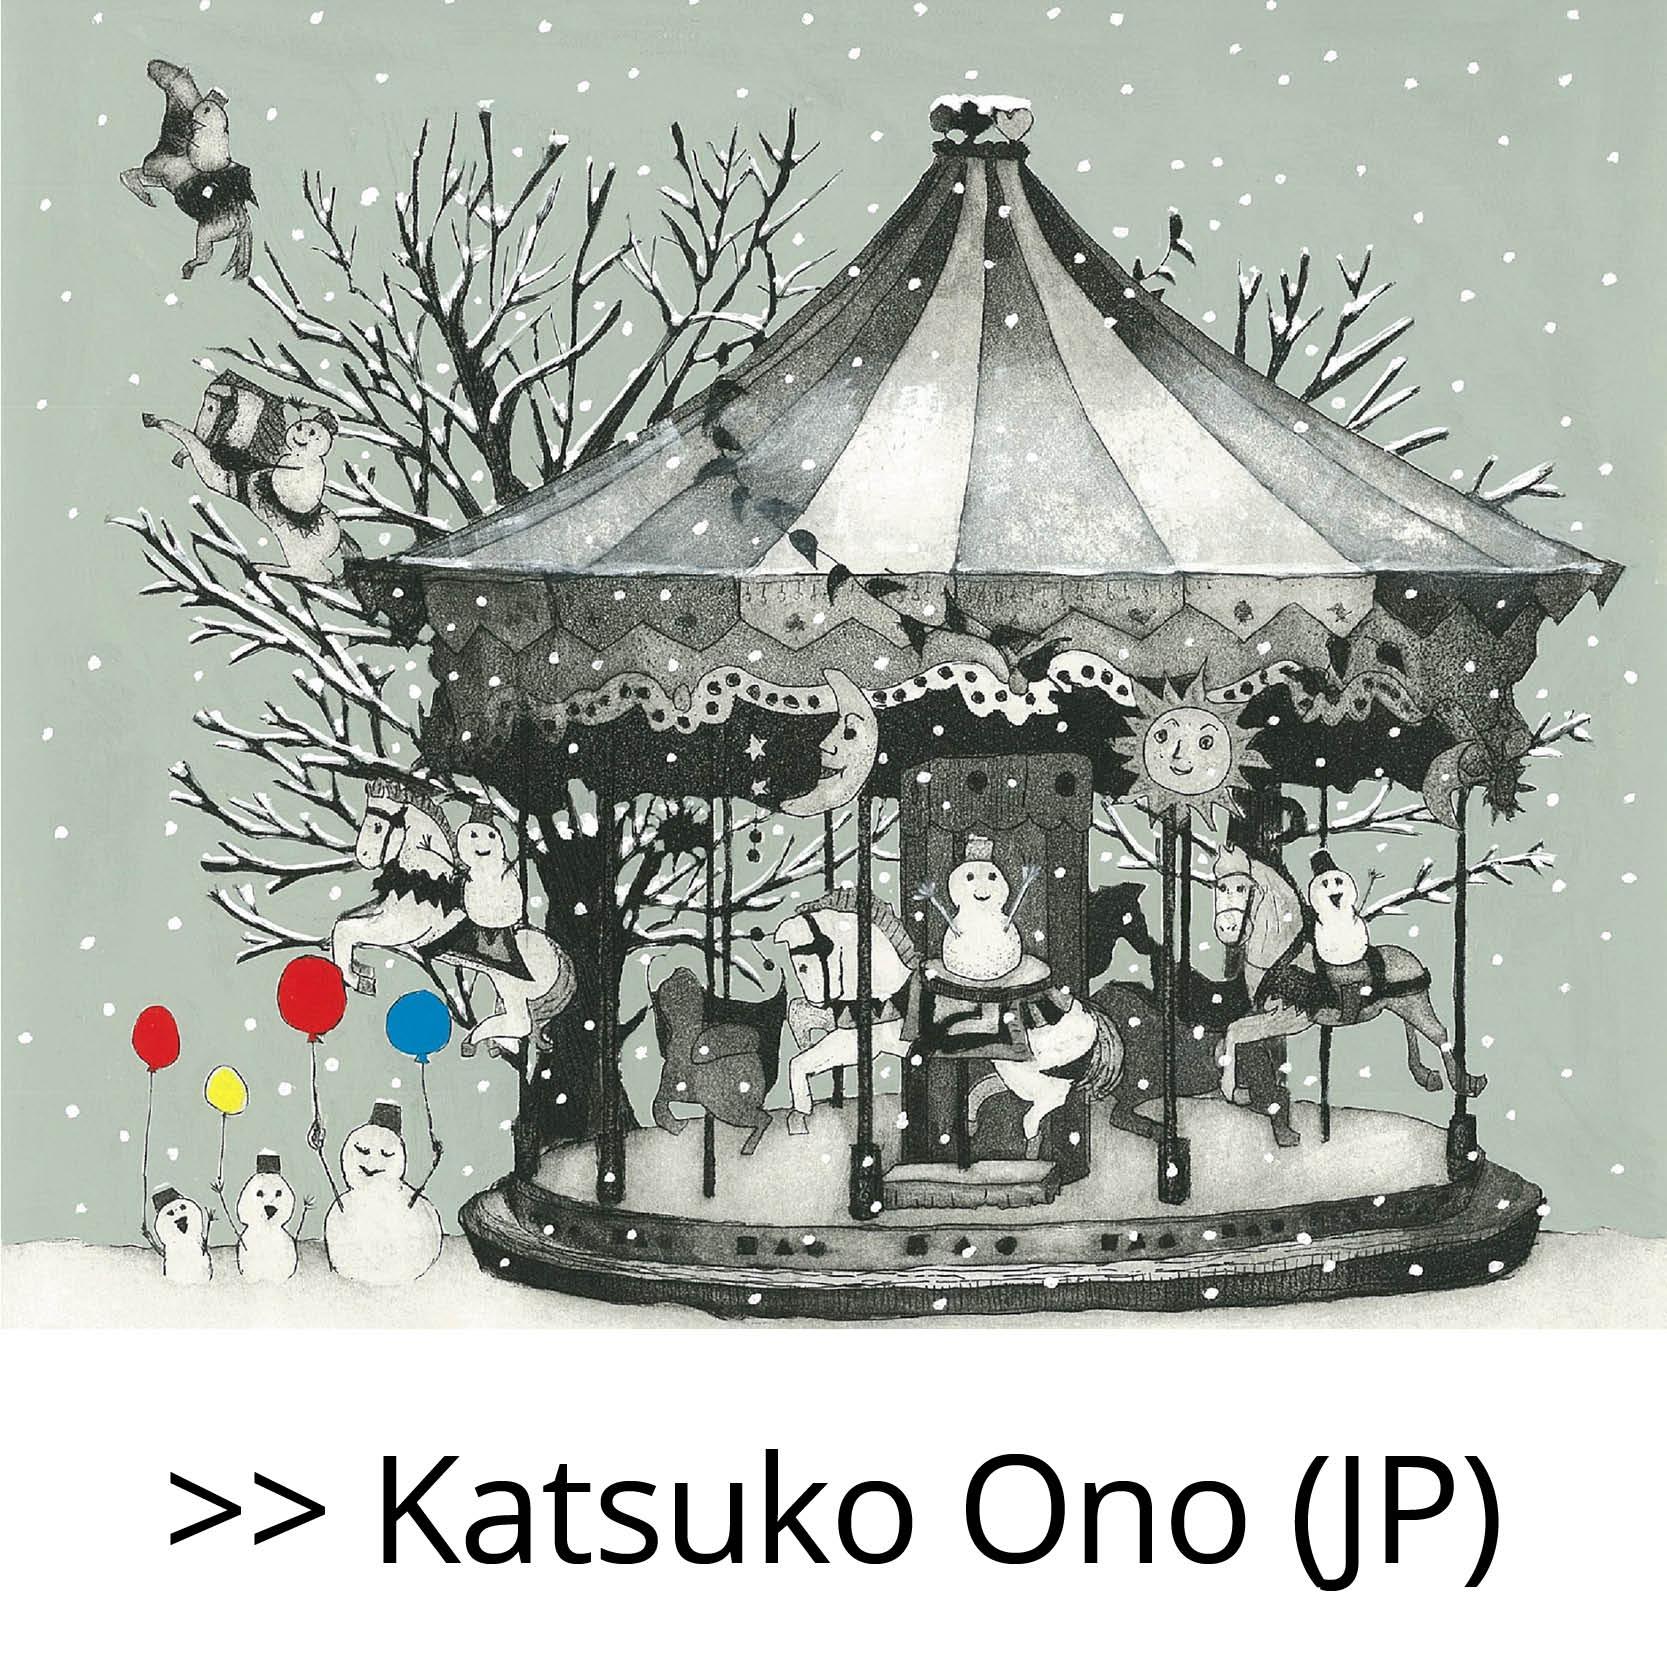 Katsuko_Ono_(JP)